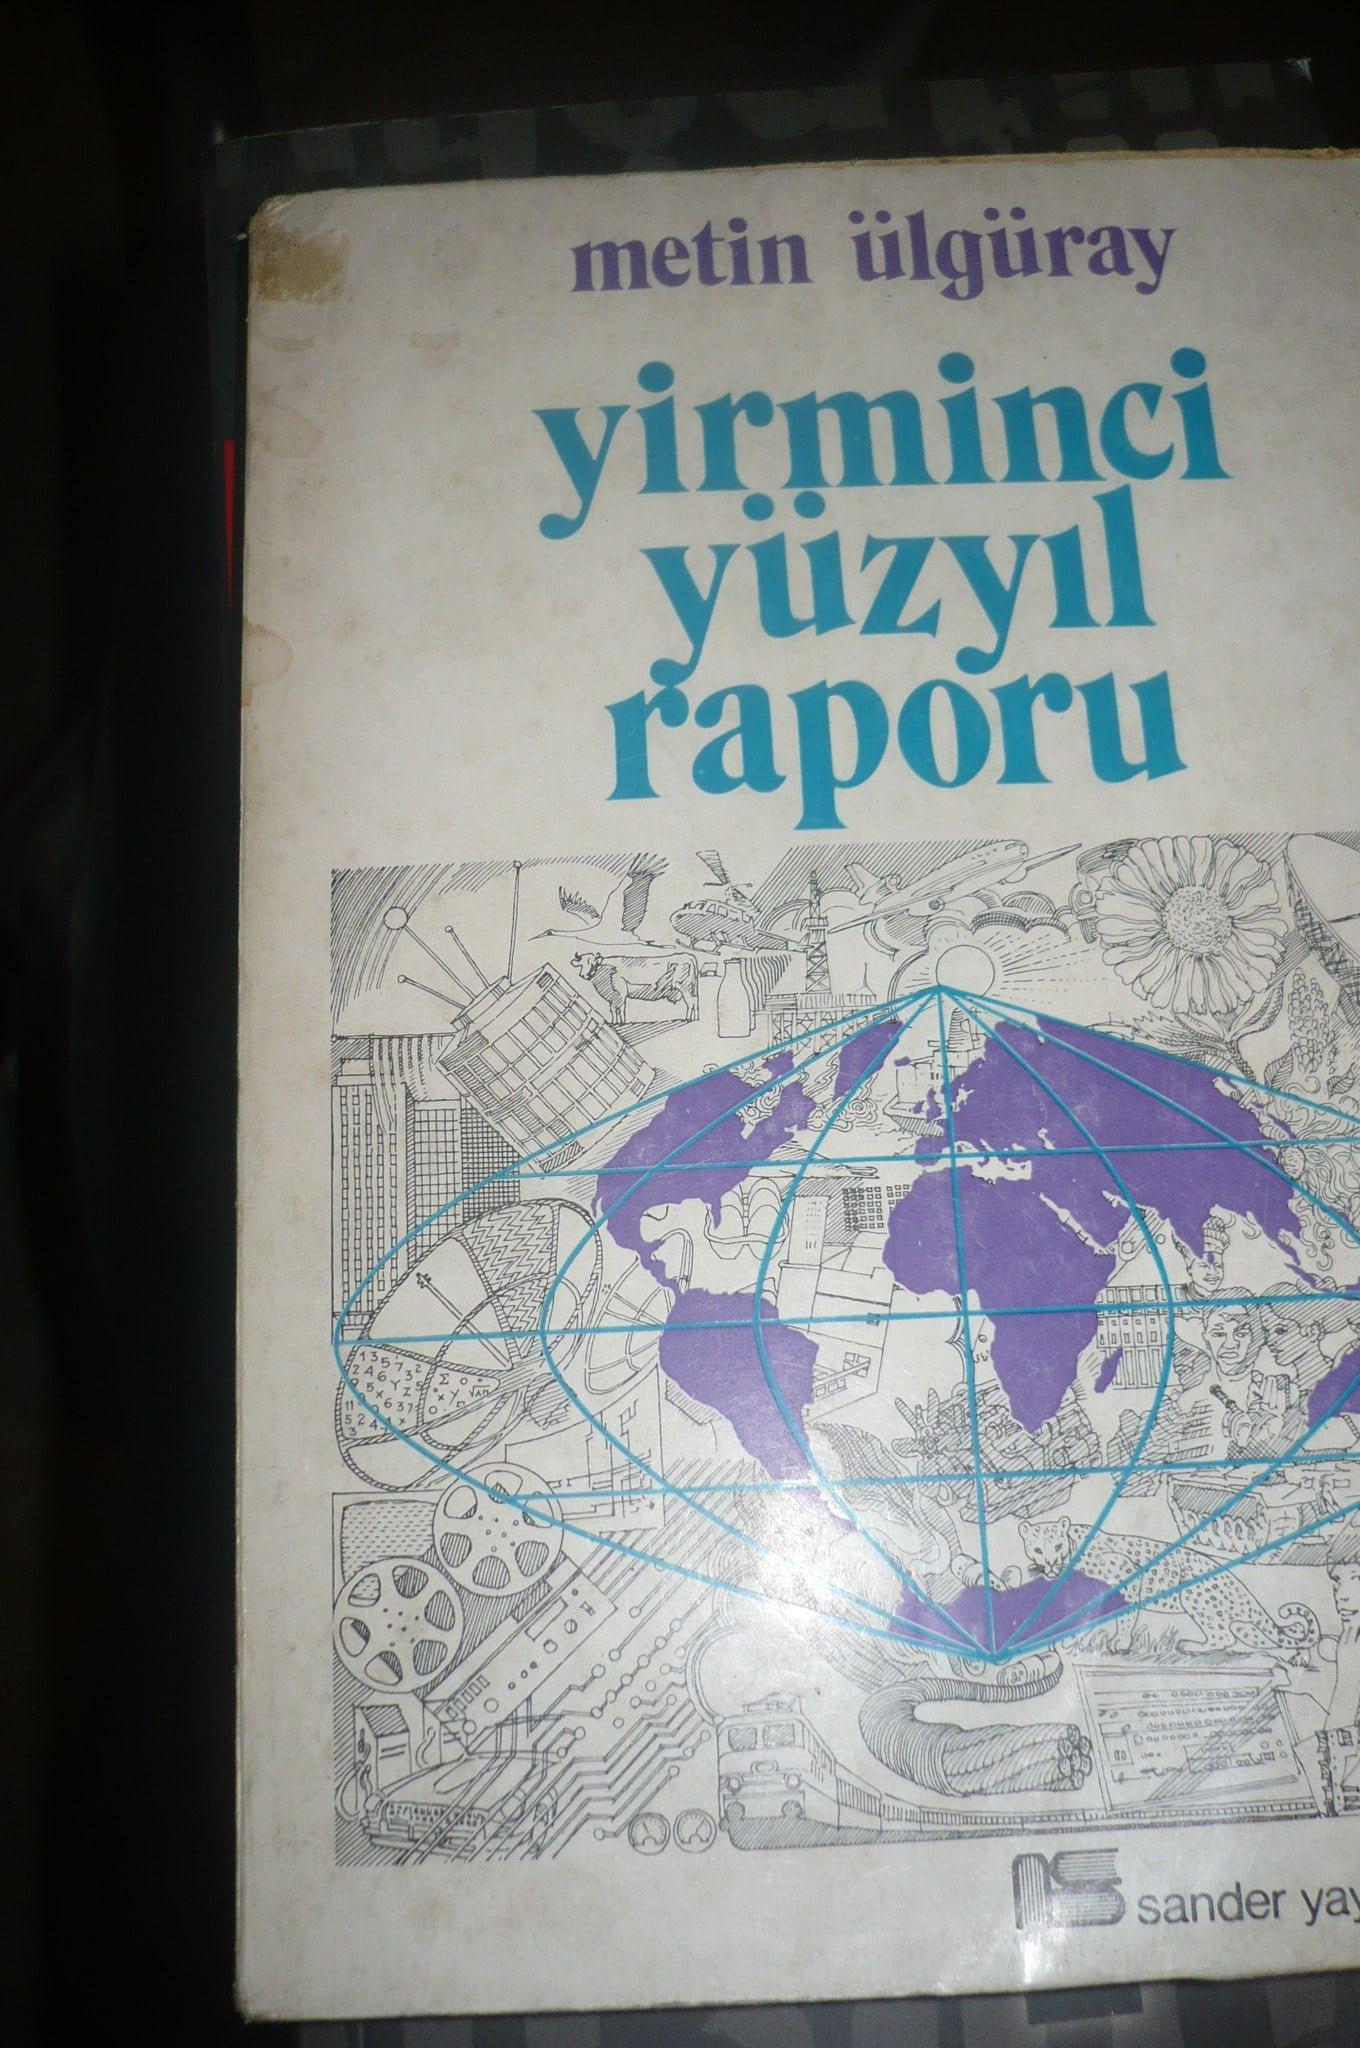 YİRMİNCİ YÜZYIL RAPORU/Metin Ülgüray/ 10 TL